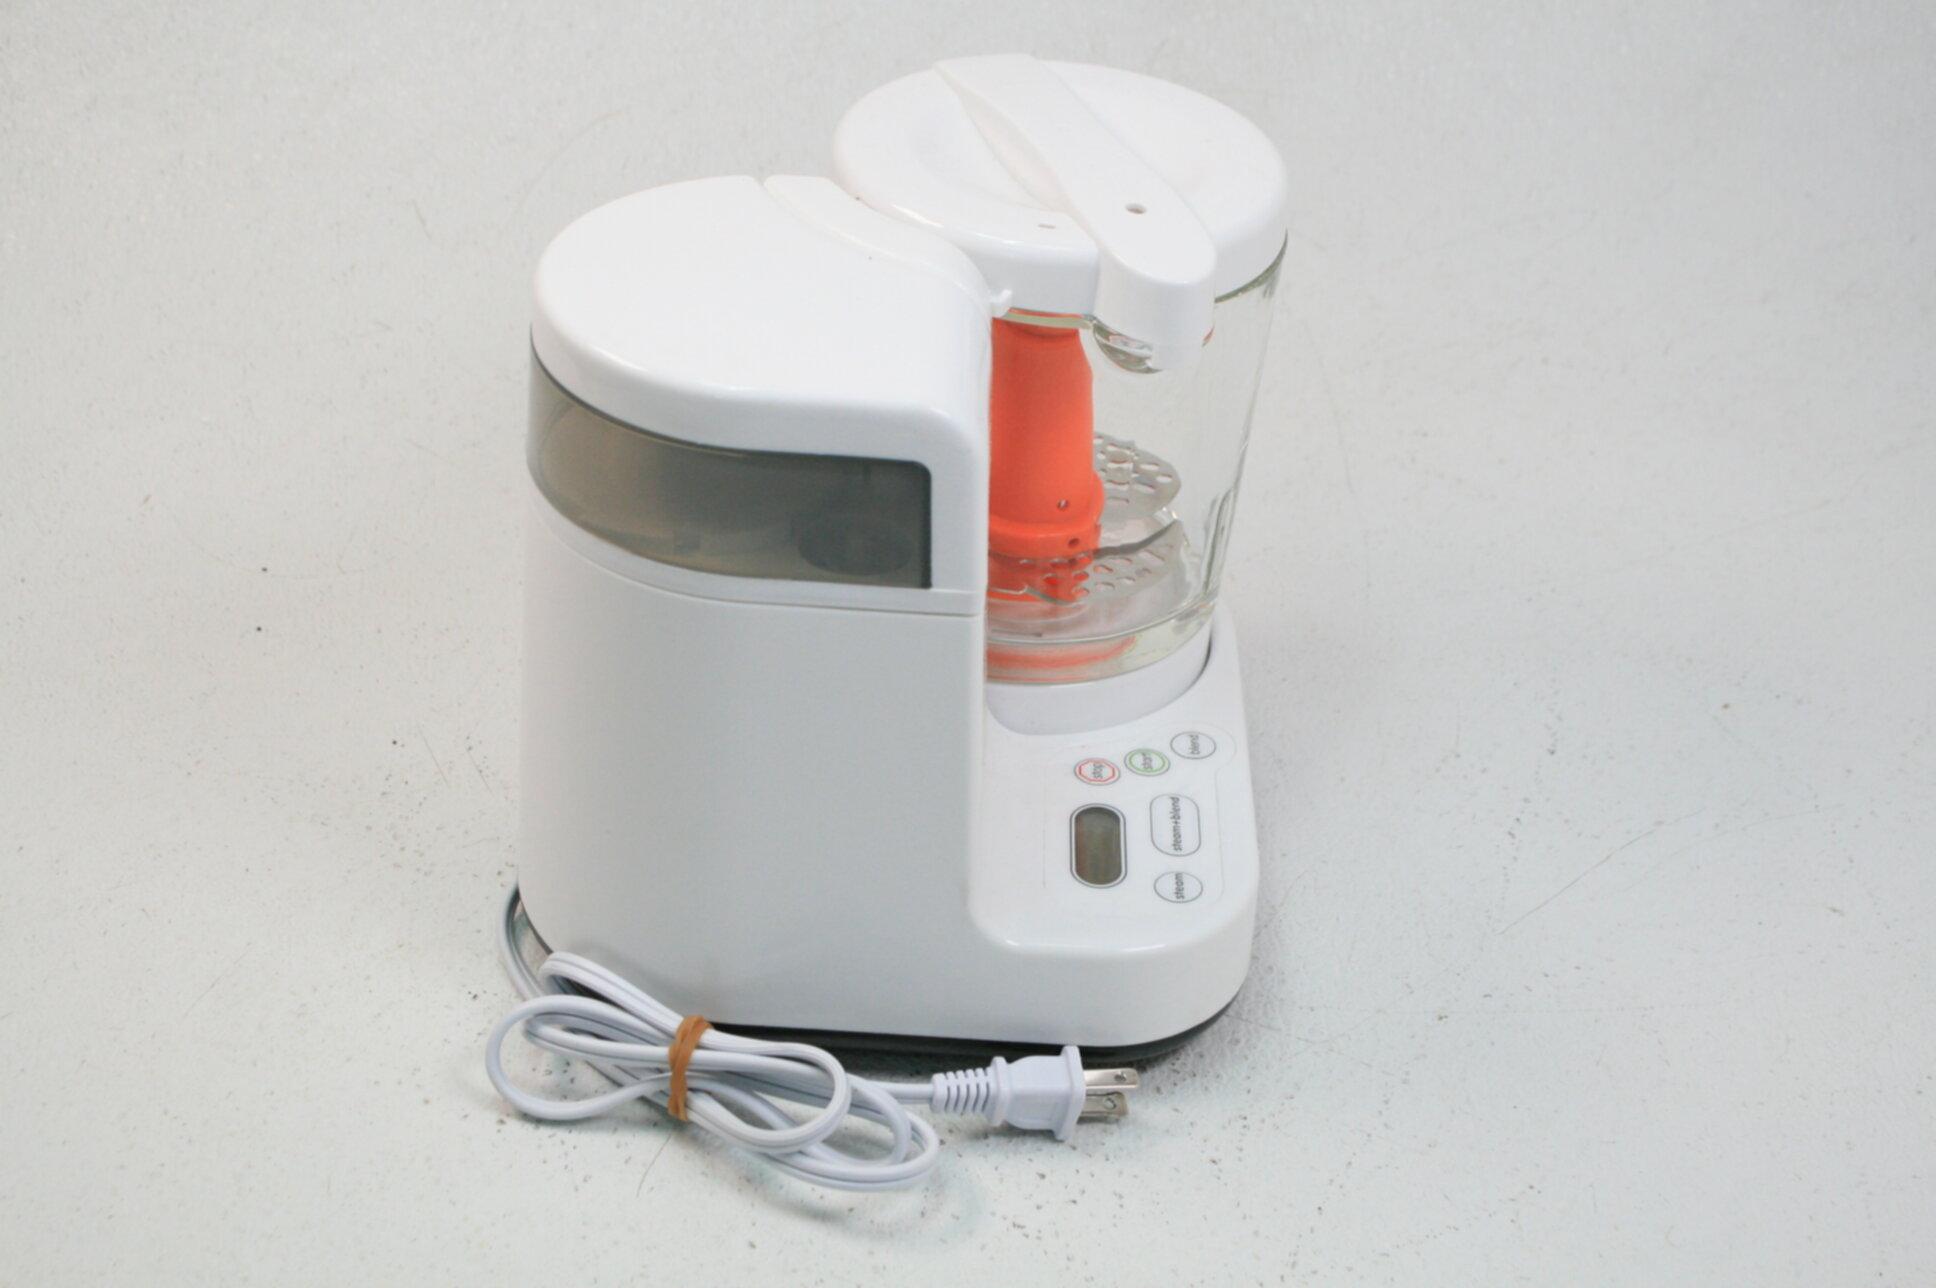 Baby Brezza BRZ00131S Glass Baby Food Maker Cooker Blender ...